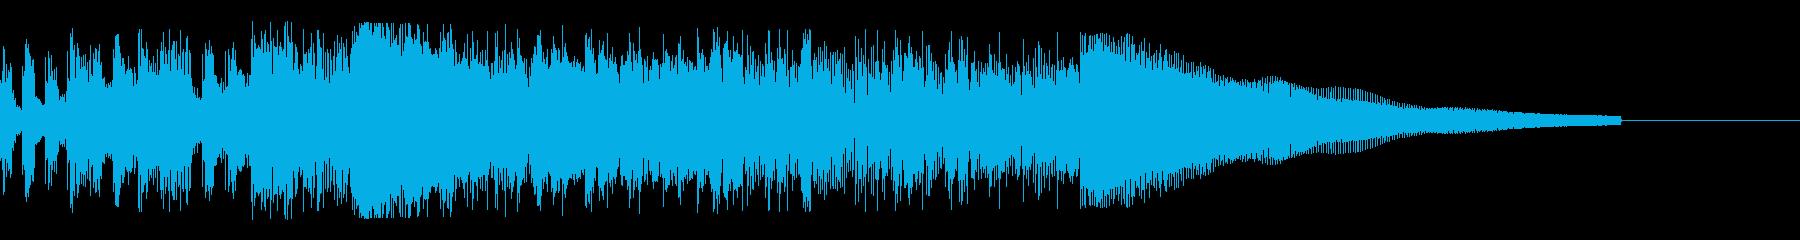 カントリー風ギターイントロ−04の再生済みの波形